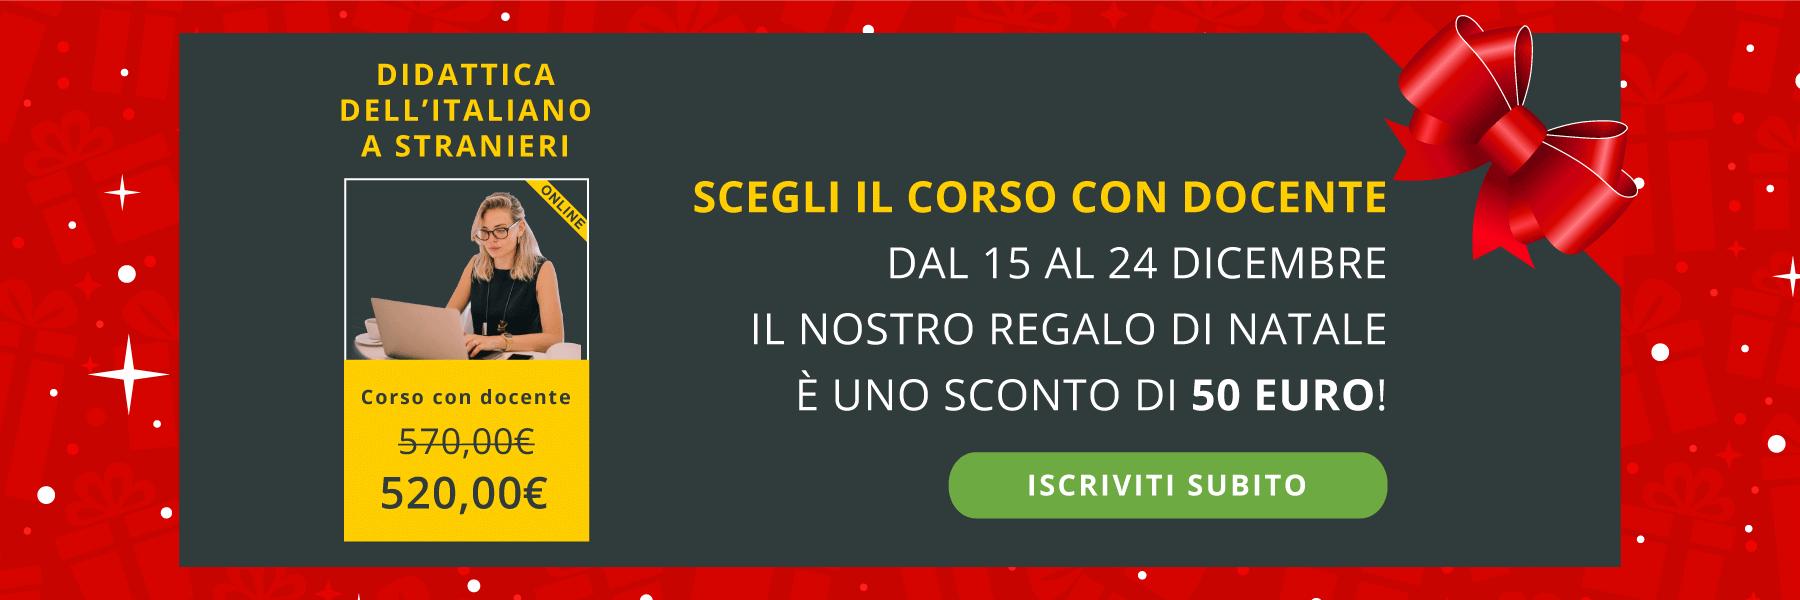 Preparati a Cedils, Ditals e Dils-PG con 50 Euro di sconto.